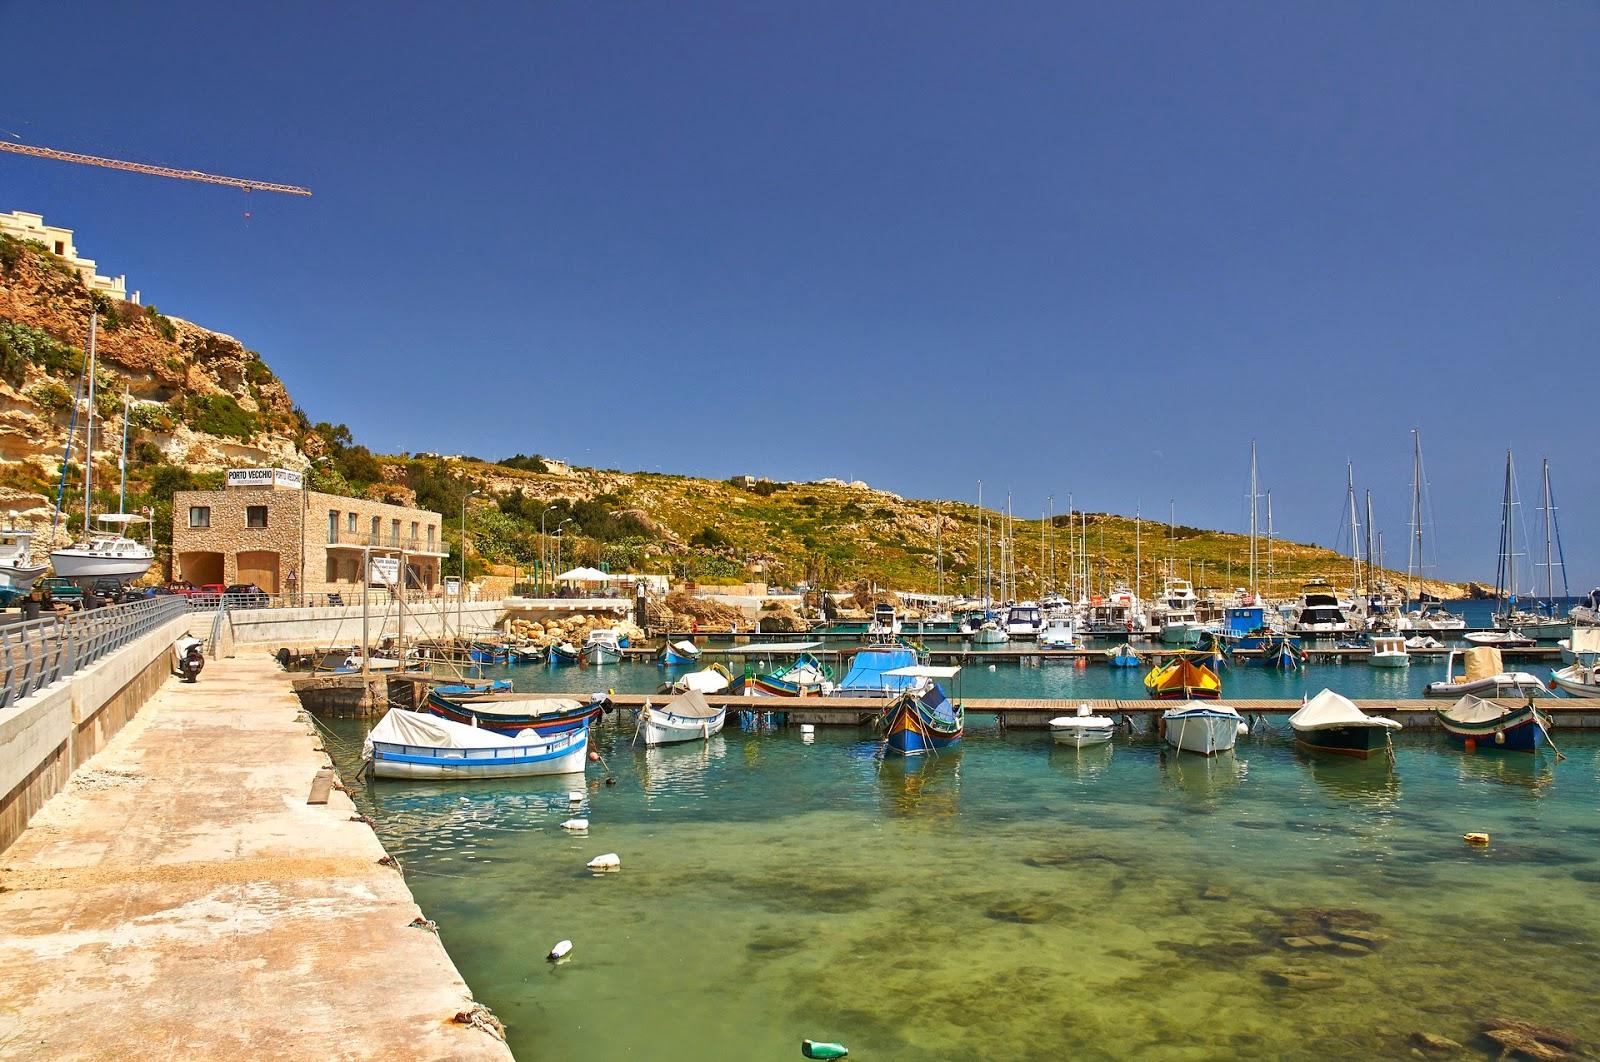 port na wyspie Gozo